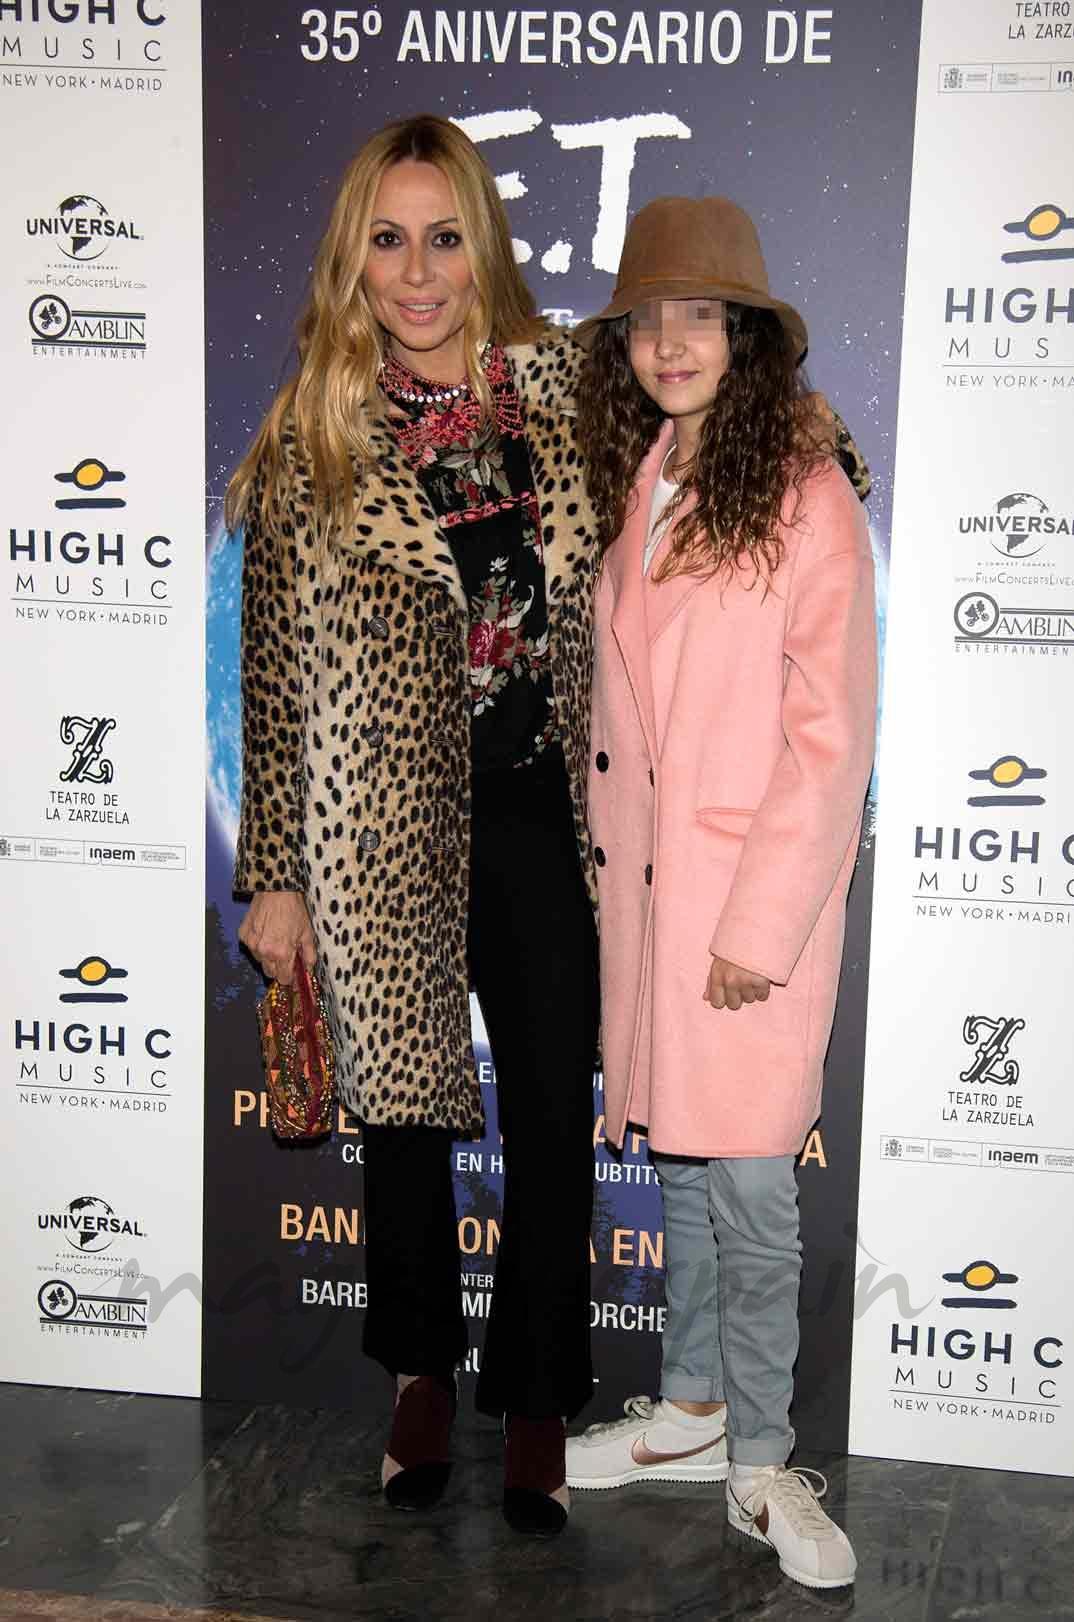 Marta Sánchez y su hija Paula Cabanas durante la presentación del concierto de la BSO de la película E.T. con motivo de su 35 aniversario 28/12/2016